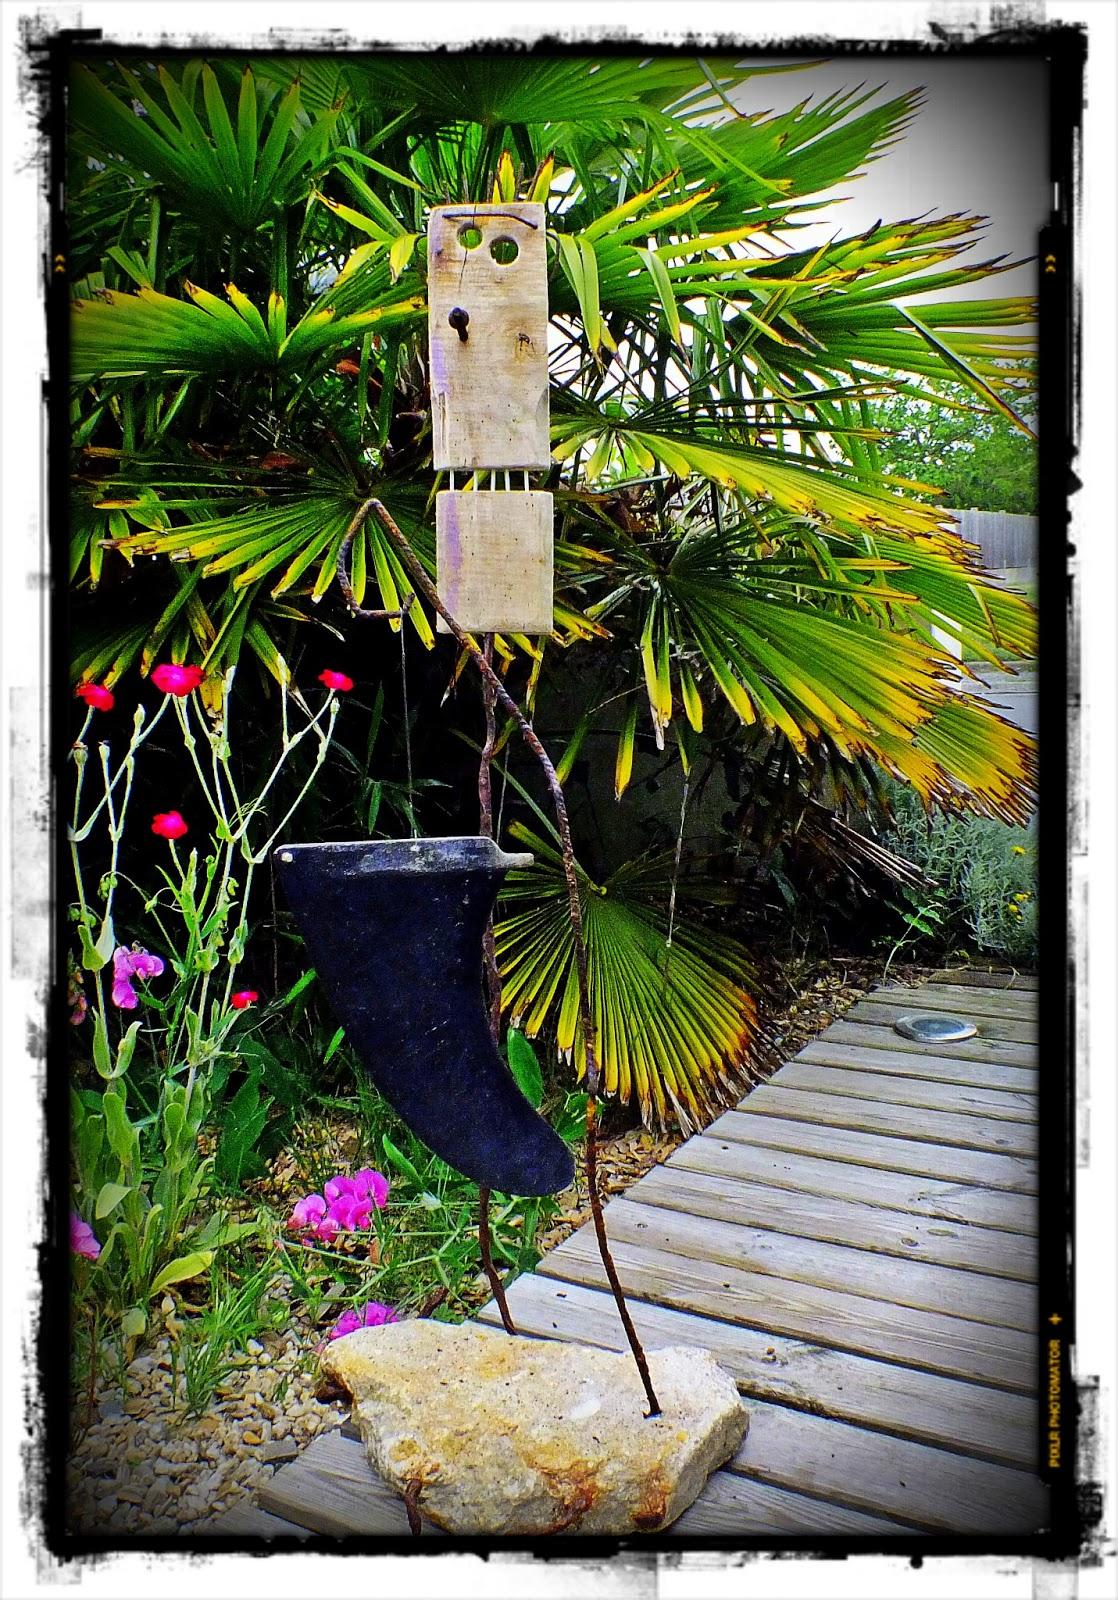 joyeux anniversaire le surfing st gilles mutoz inc art en bois flott. Black Bedroom Furniture Sets. Home Design Ideas